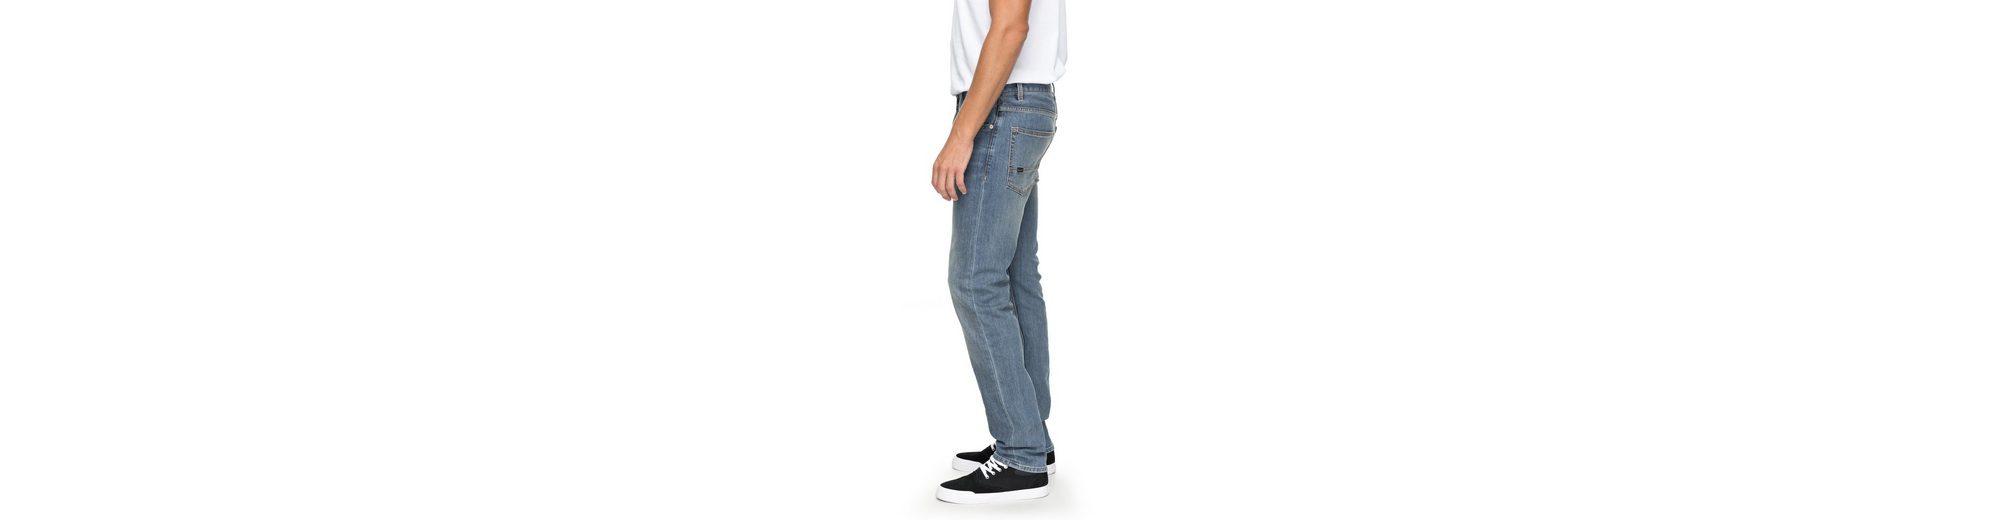 Um Online-Verkauf Auslass Schnelle Lieferung Quiksilver Straight Fit Jeans Revolver Coolmax Surf Blue Größte Anbieter Günstiger Preis Empfehlen Zum Verkauf Footlocker Günstig Online u64LaM48Ko